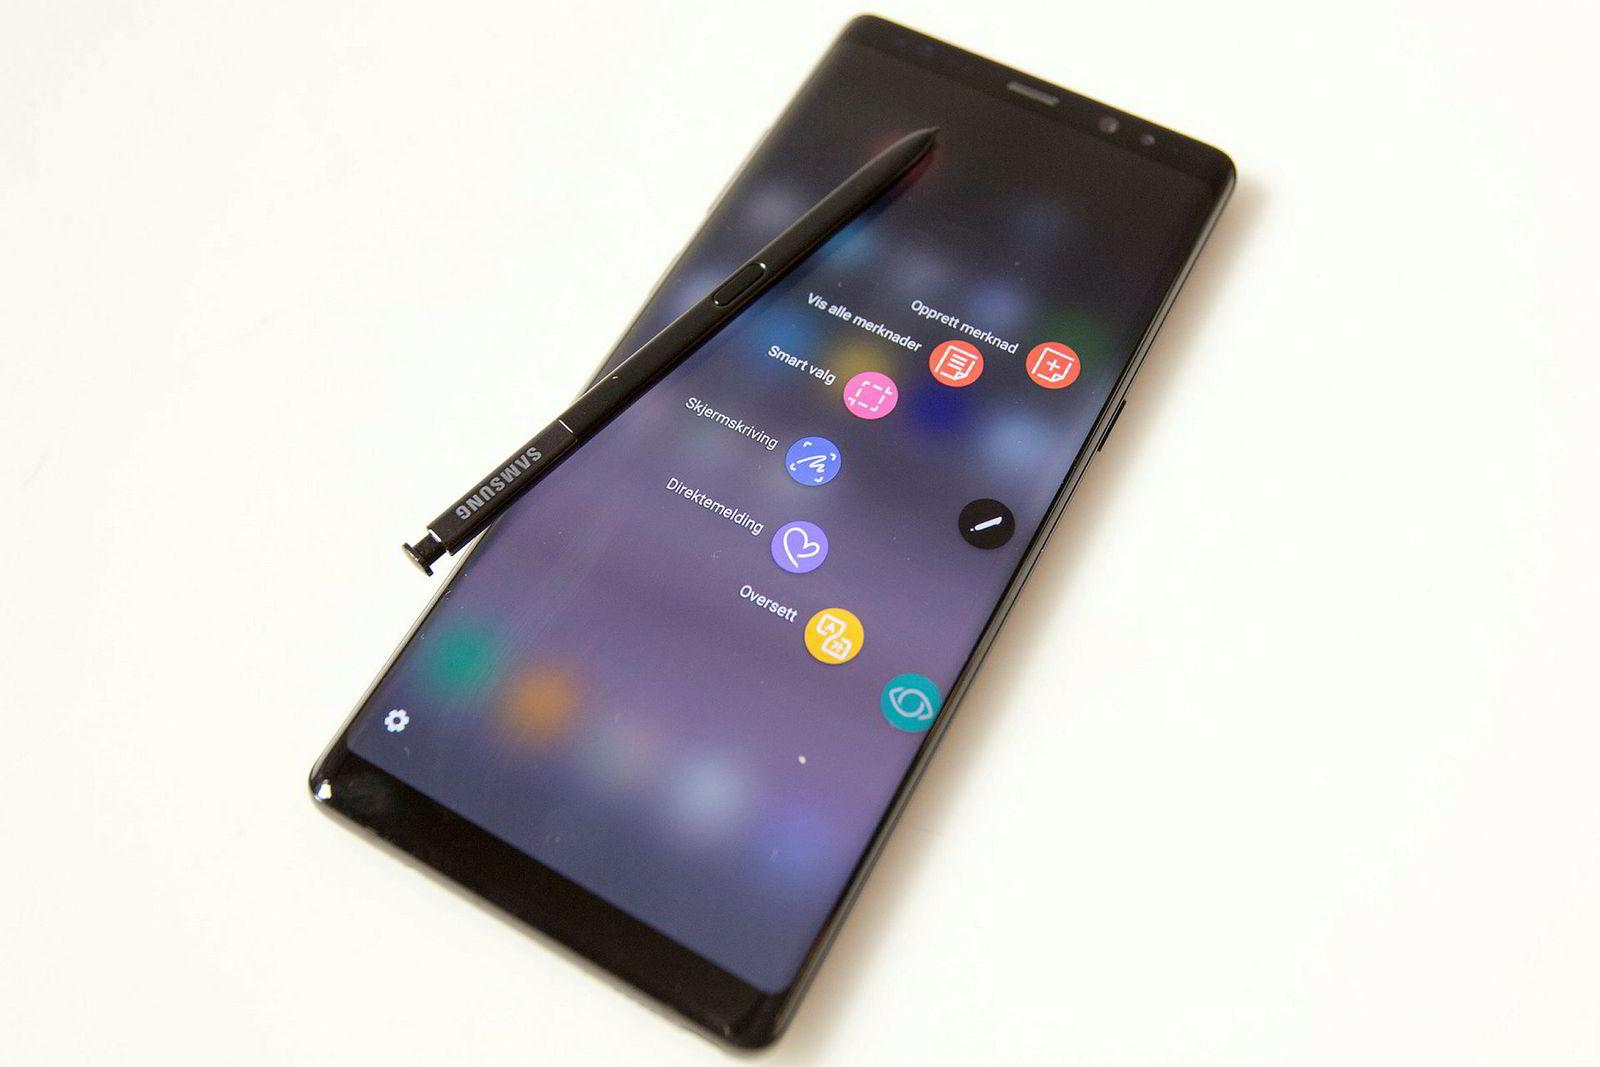 Pennen med sine unike funksjoner er en av tingene som kan den stive prisen på Samsung Galaxy Note 8.